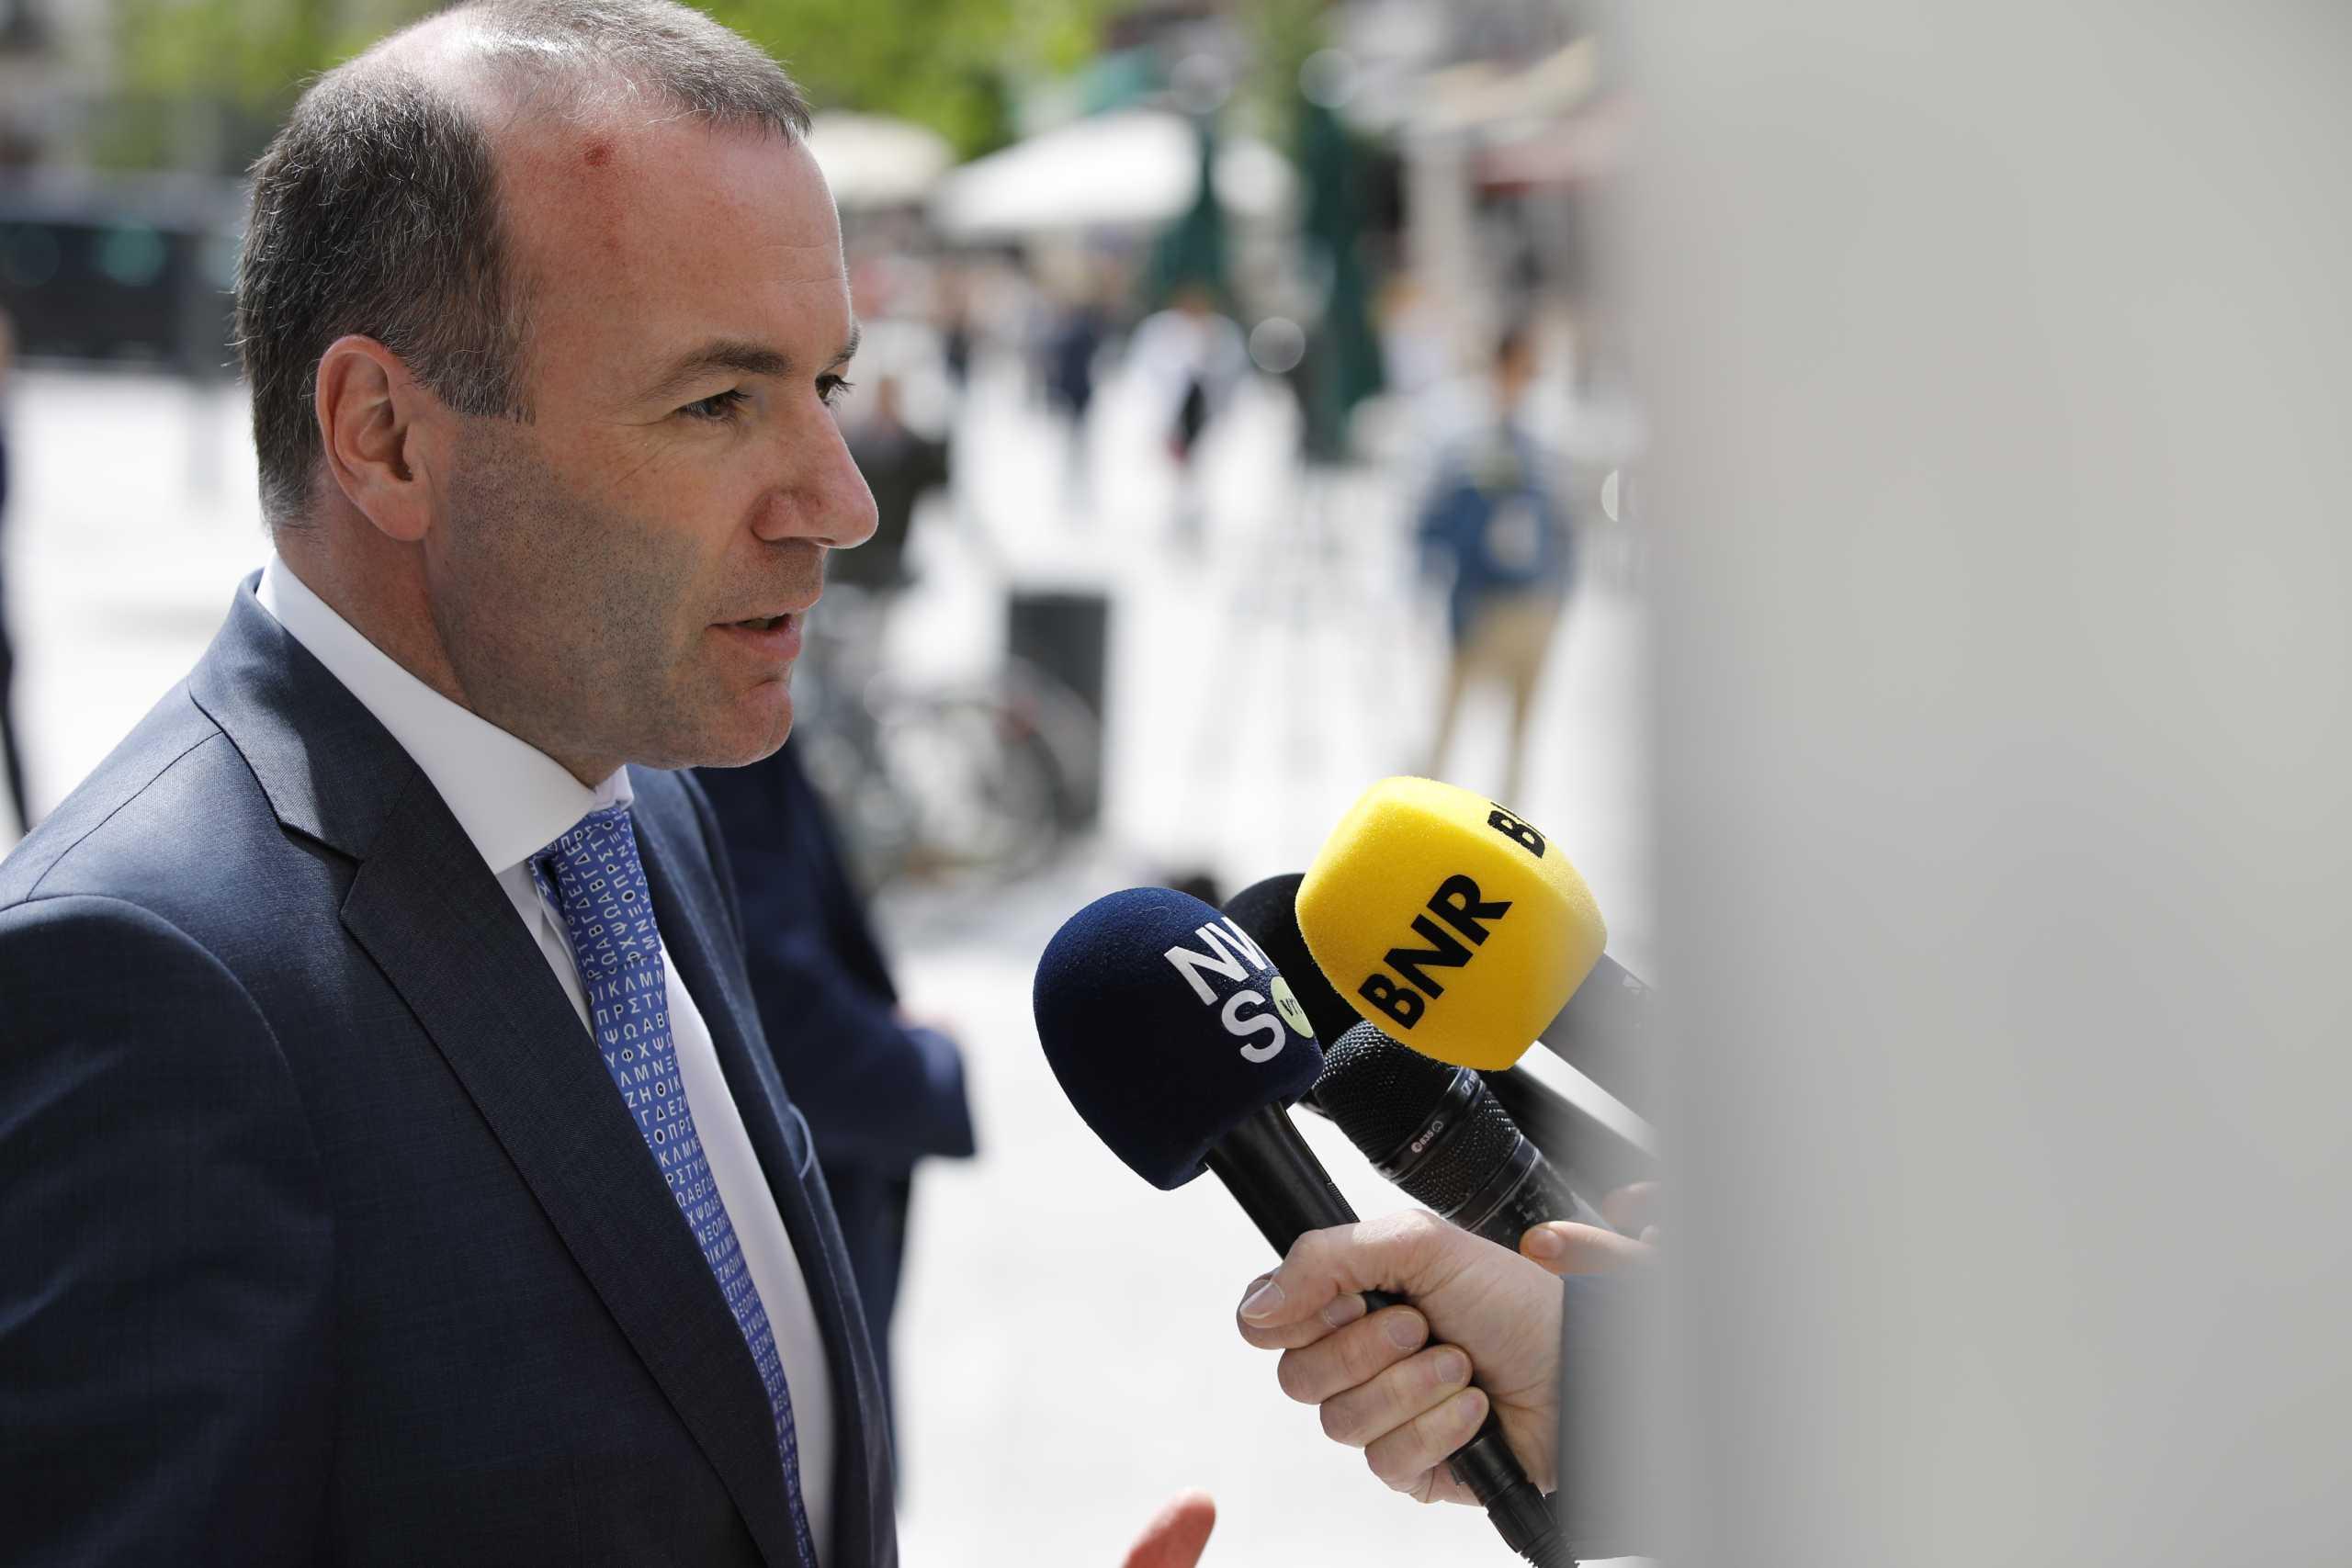 Βέμπερ: Τέλος στις ενταξιακές βλέψεις της Τουρκία στην ΕΕ – Απορρίπτουμε τη λύση των δύο κρατών